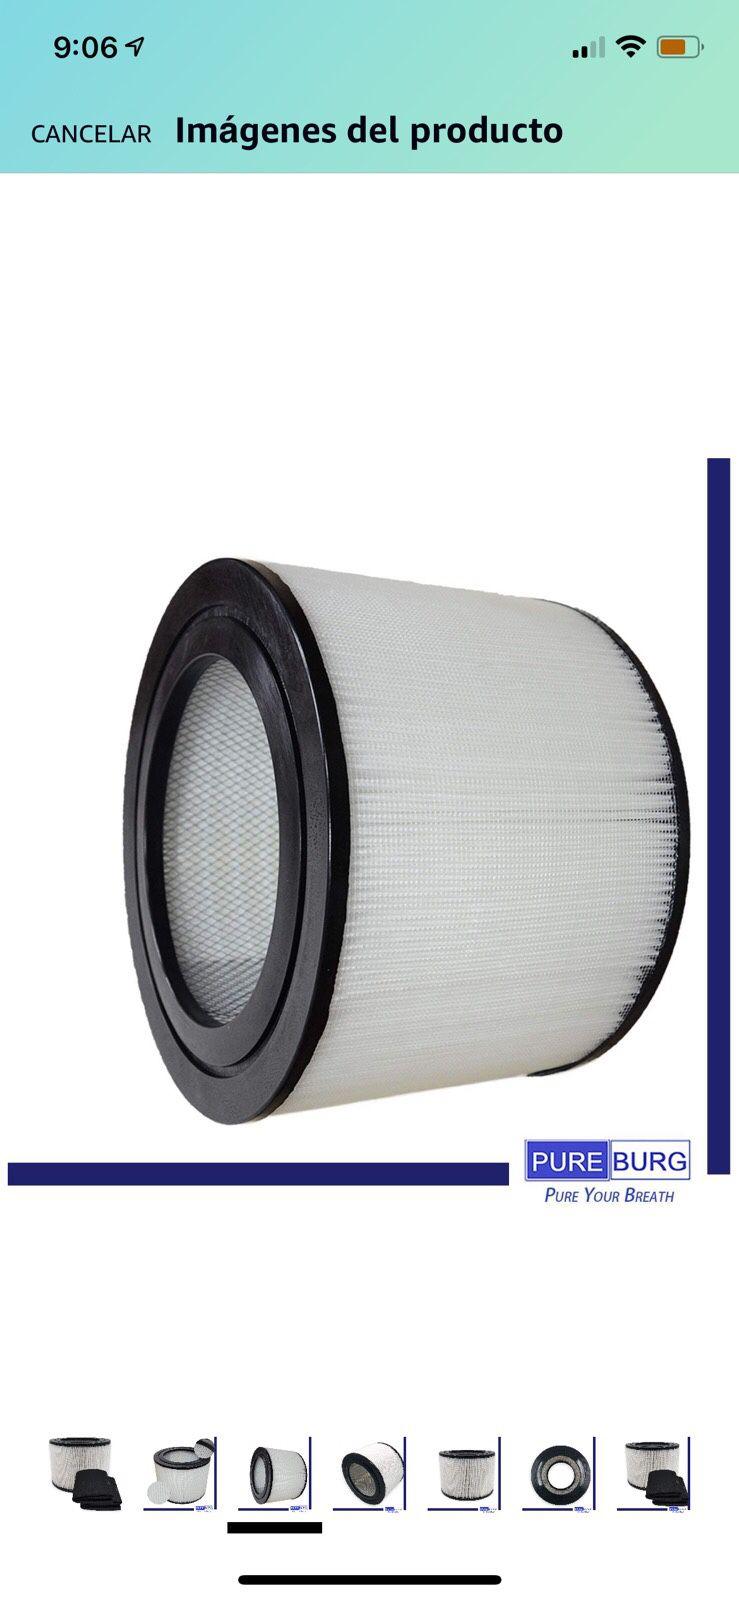 Puré Burg Air Filters # 15